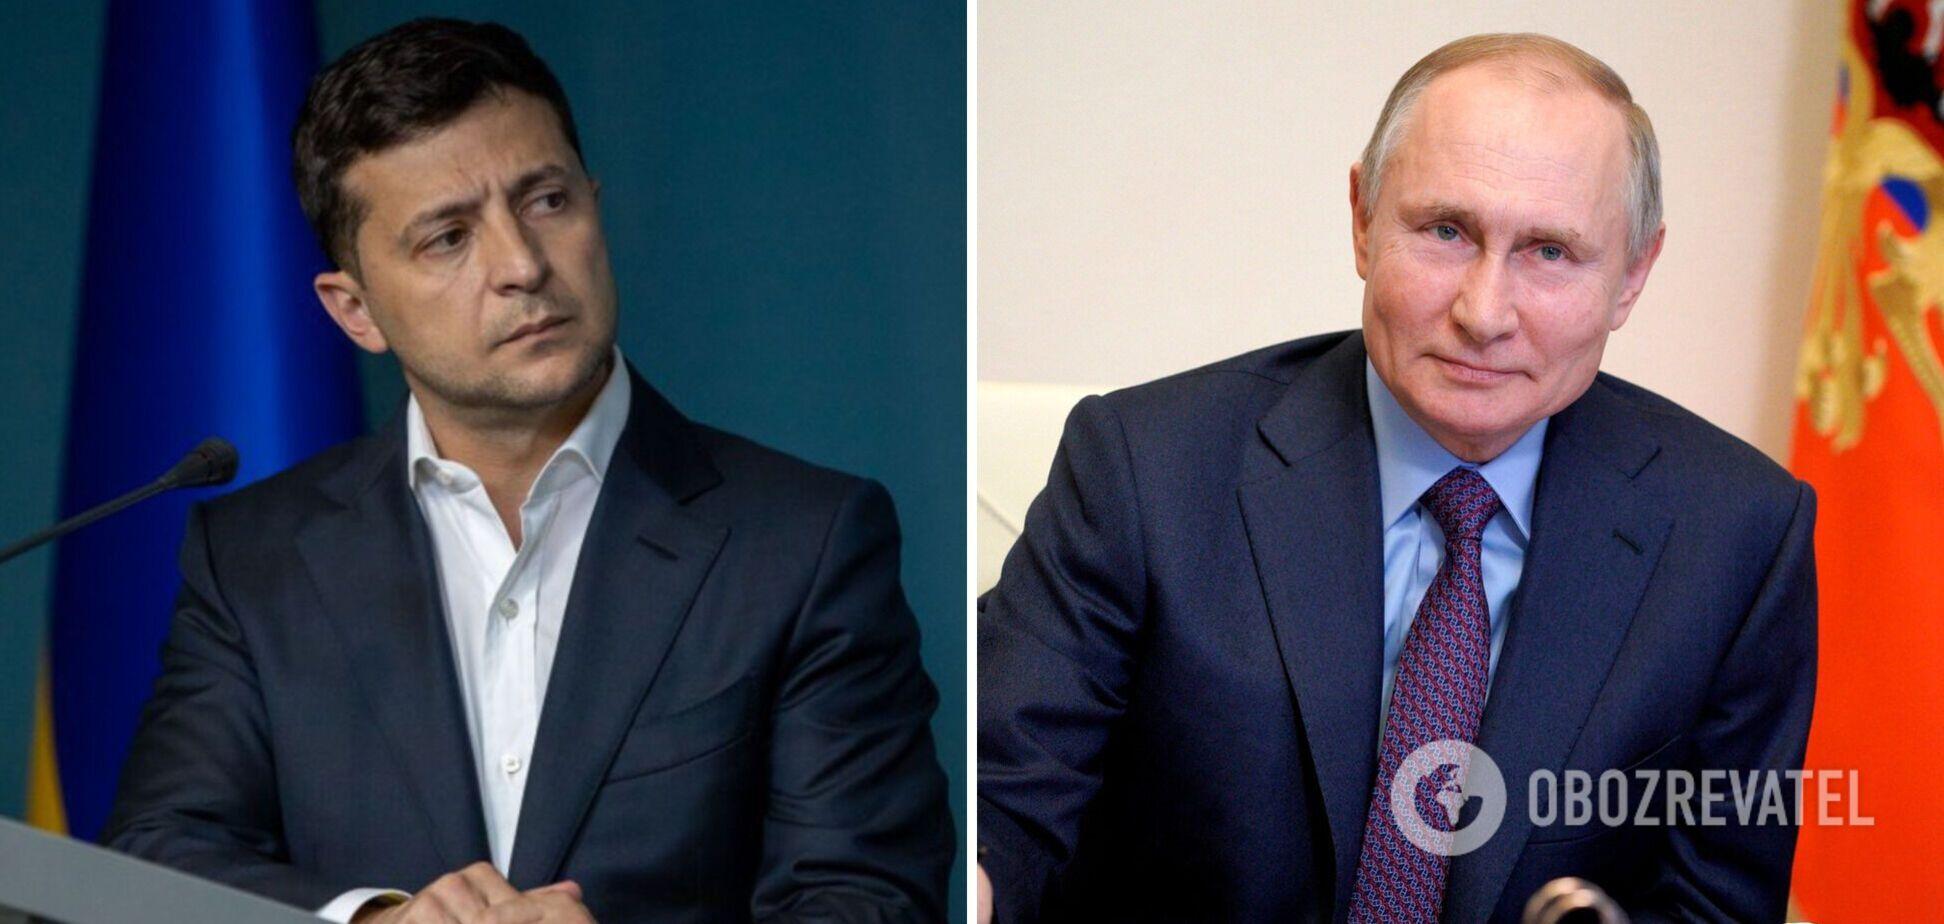 Зеленський – про зустріч із Путіним: може принести несподіваний результат